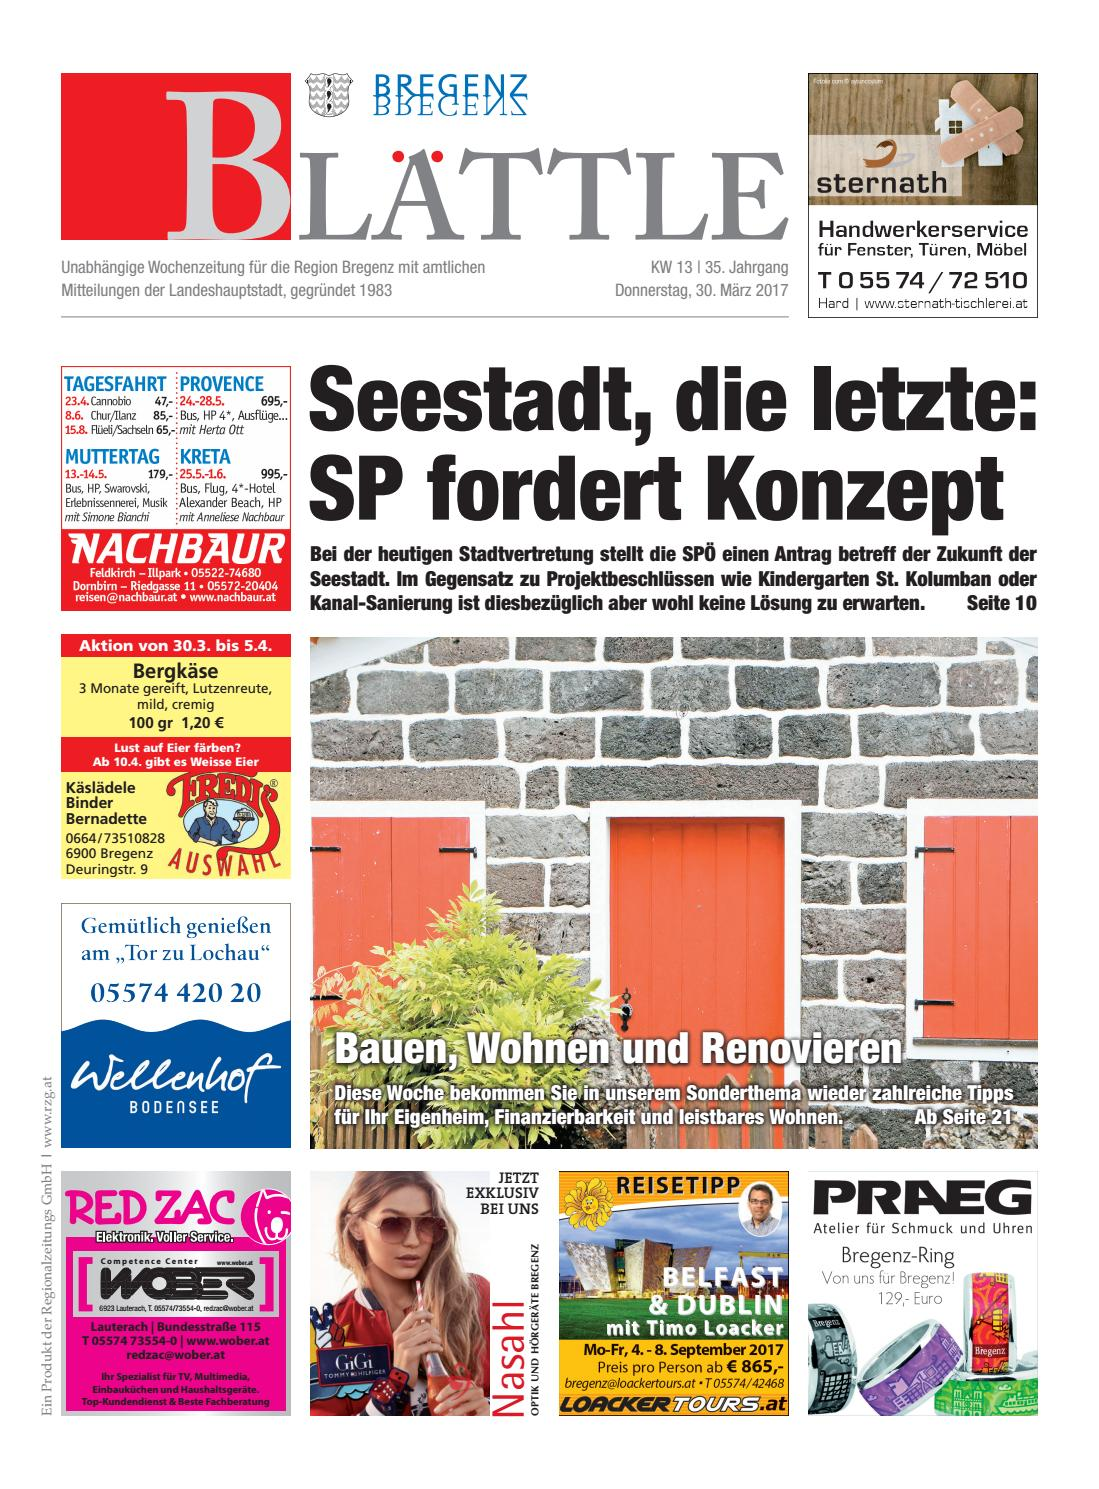 Bregenzer blättle 13 by Regionalzeitungs GmbH - issuu